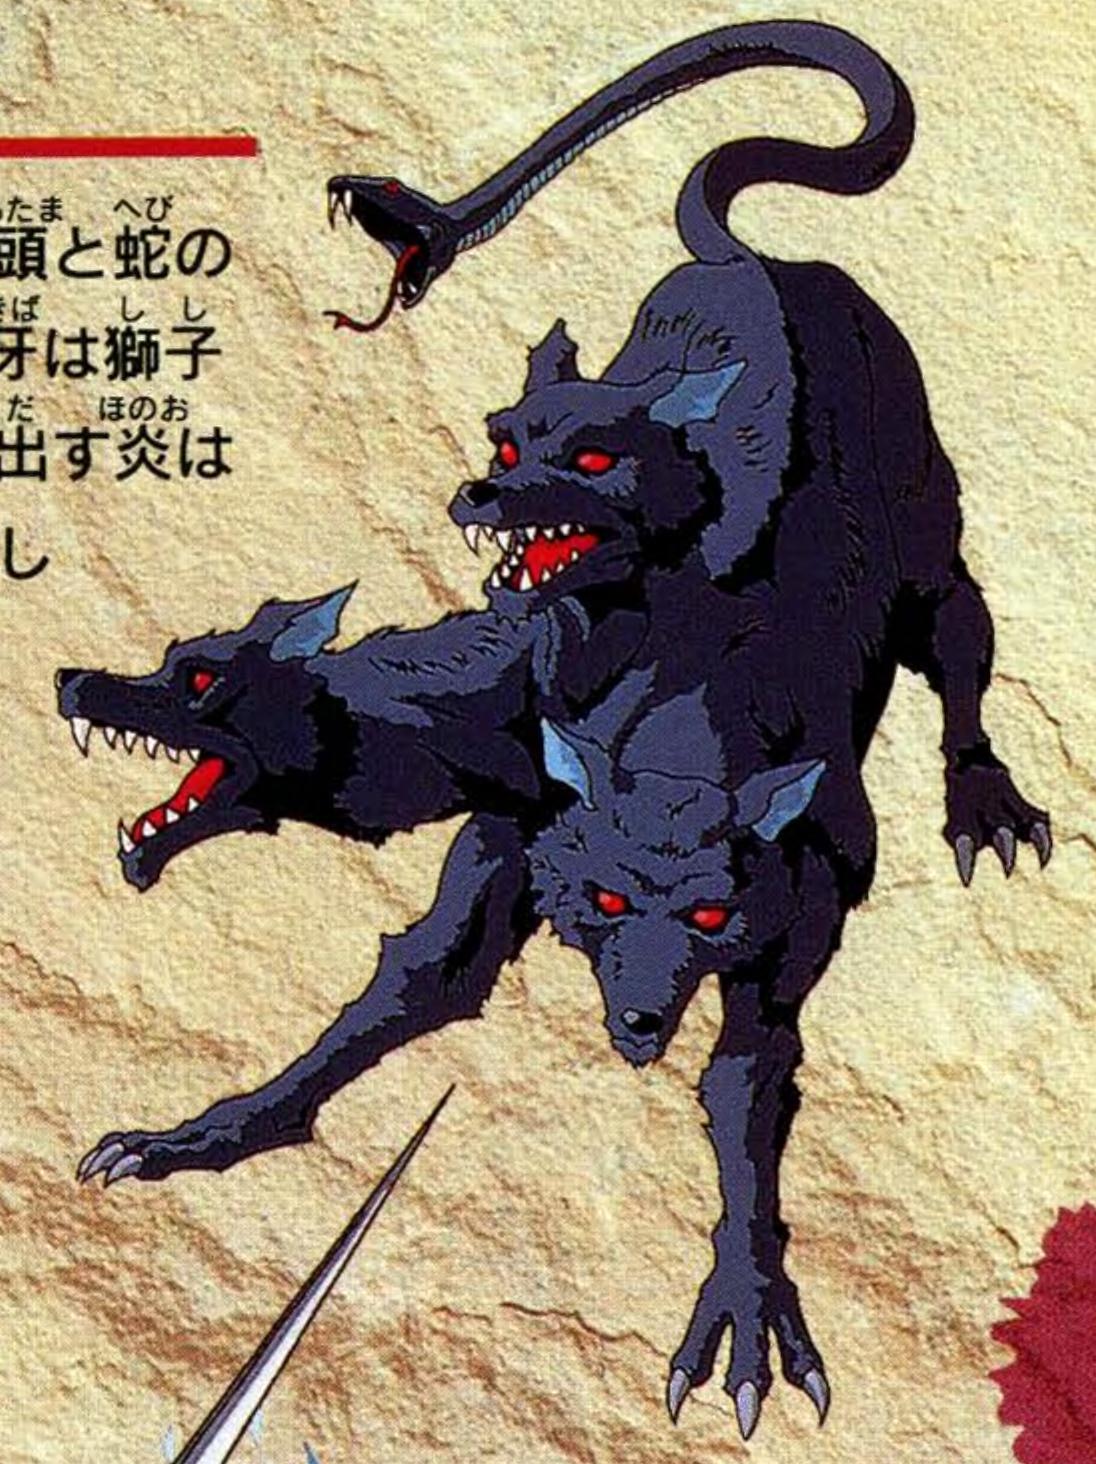 File:Dracula X - Cerberus - 01.png